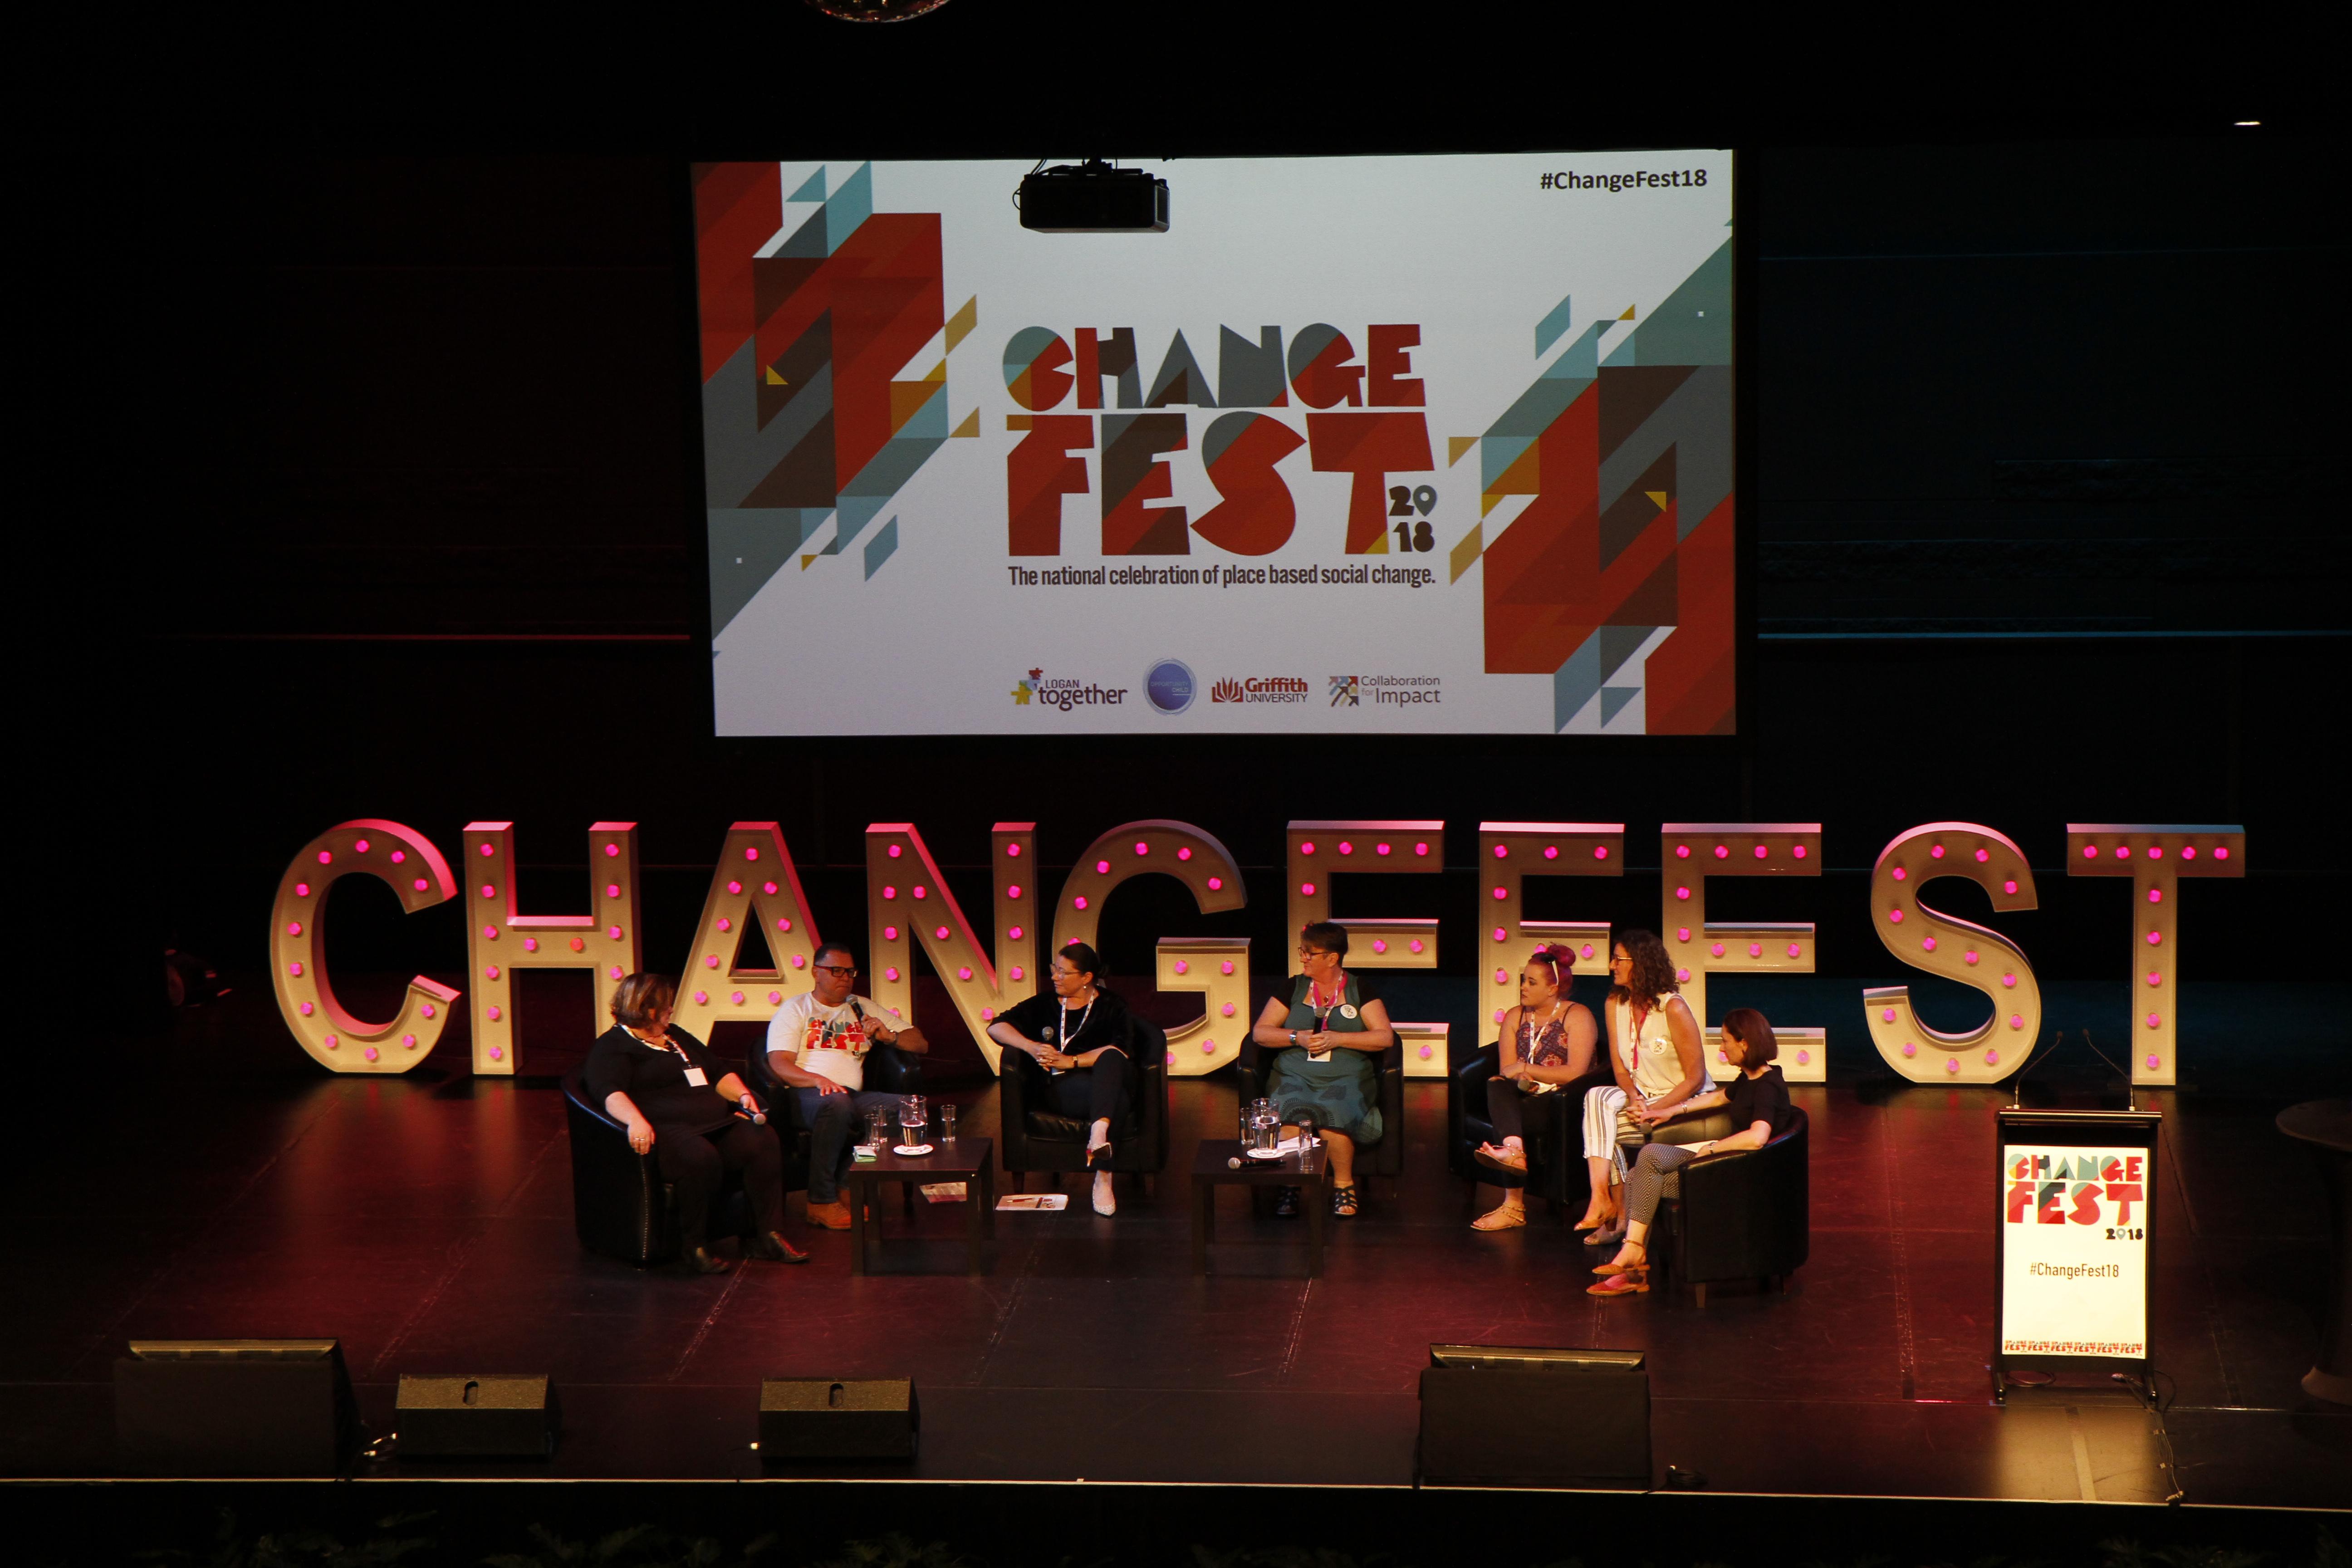 Changefest 2018